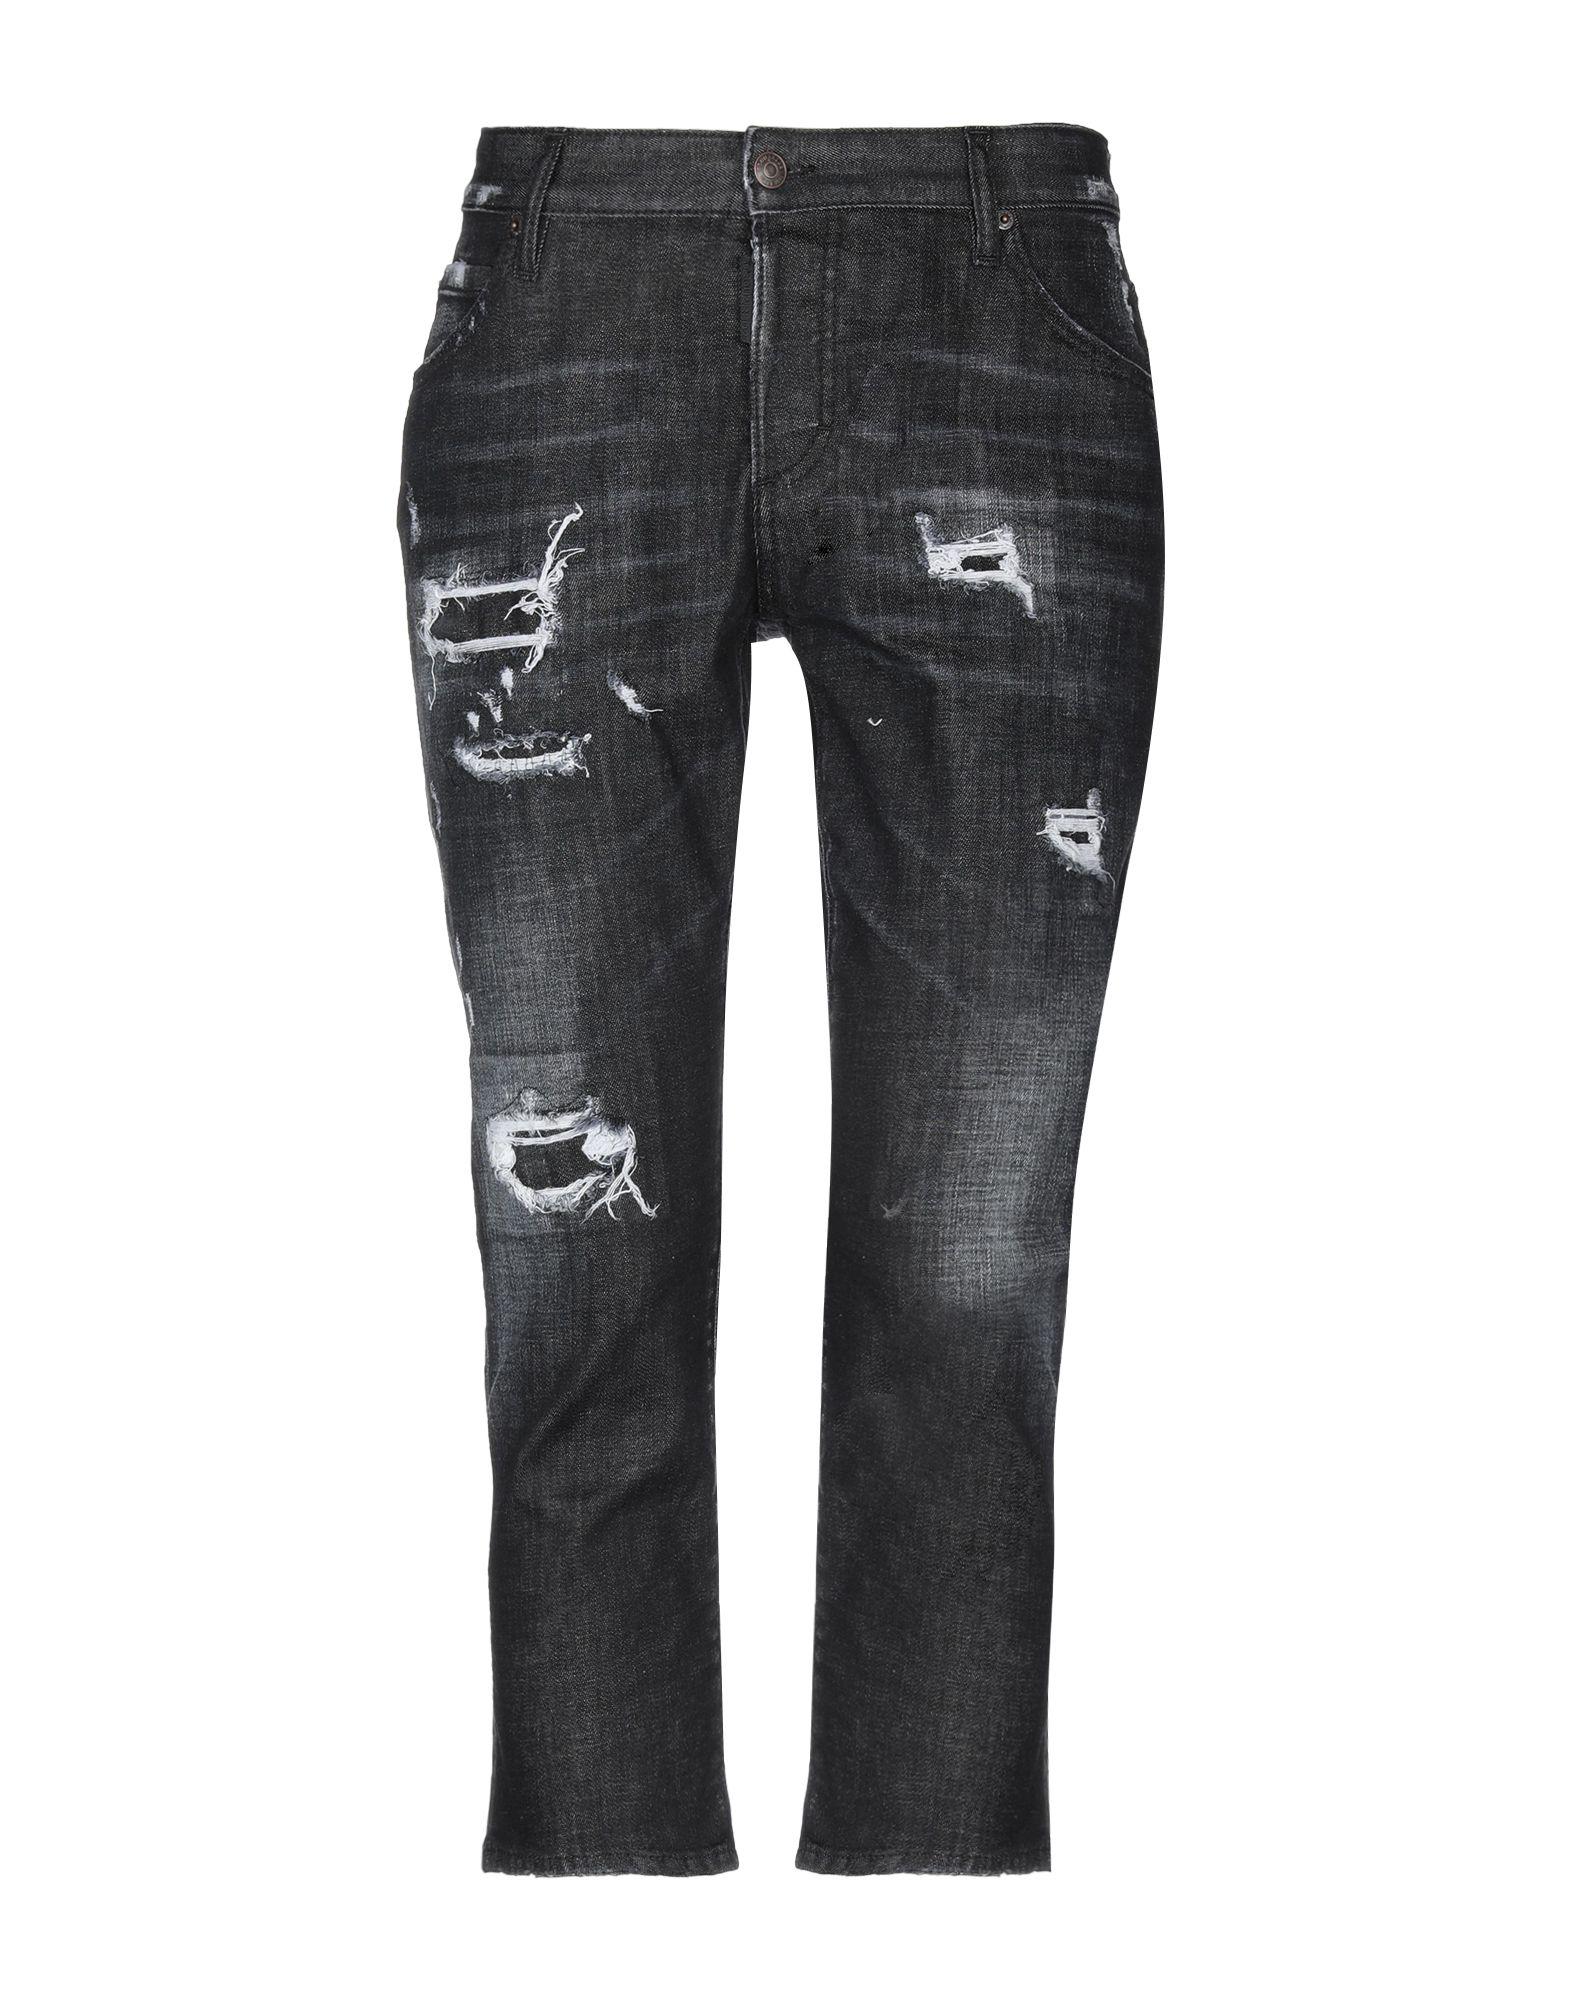 Pantaloni Jeans Dsquarosso2 donna - - 42706453XA  Sparen Sie 50% -75%!